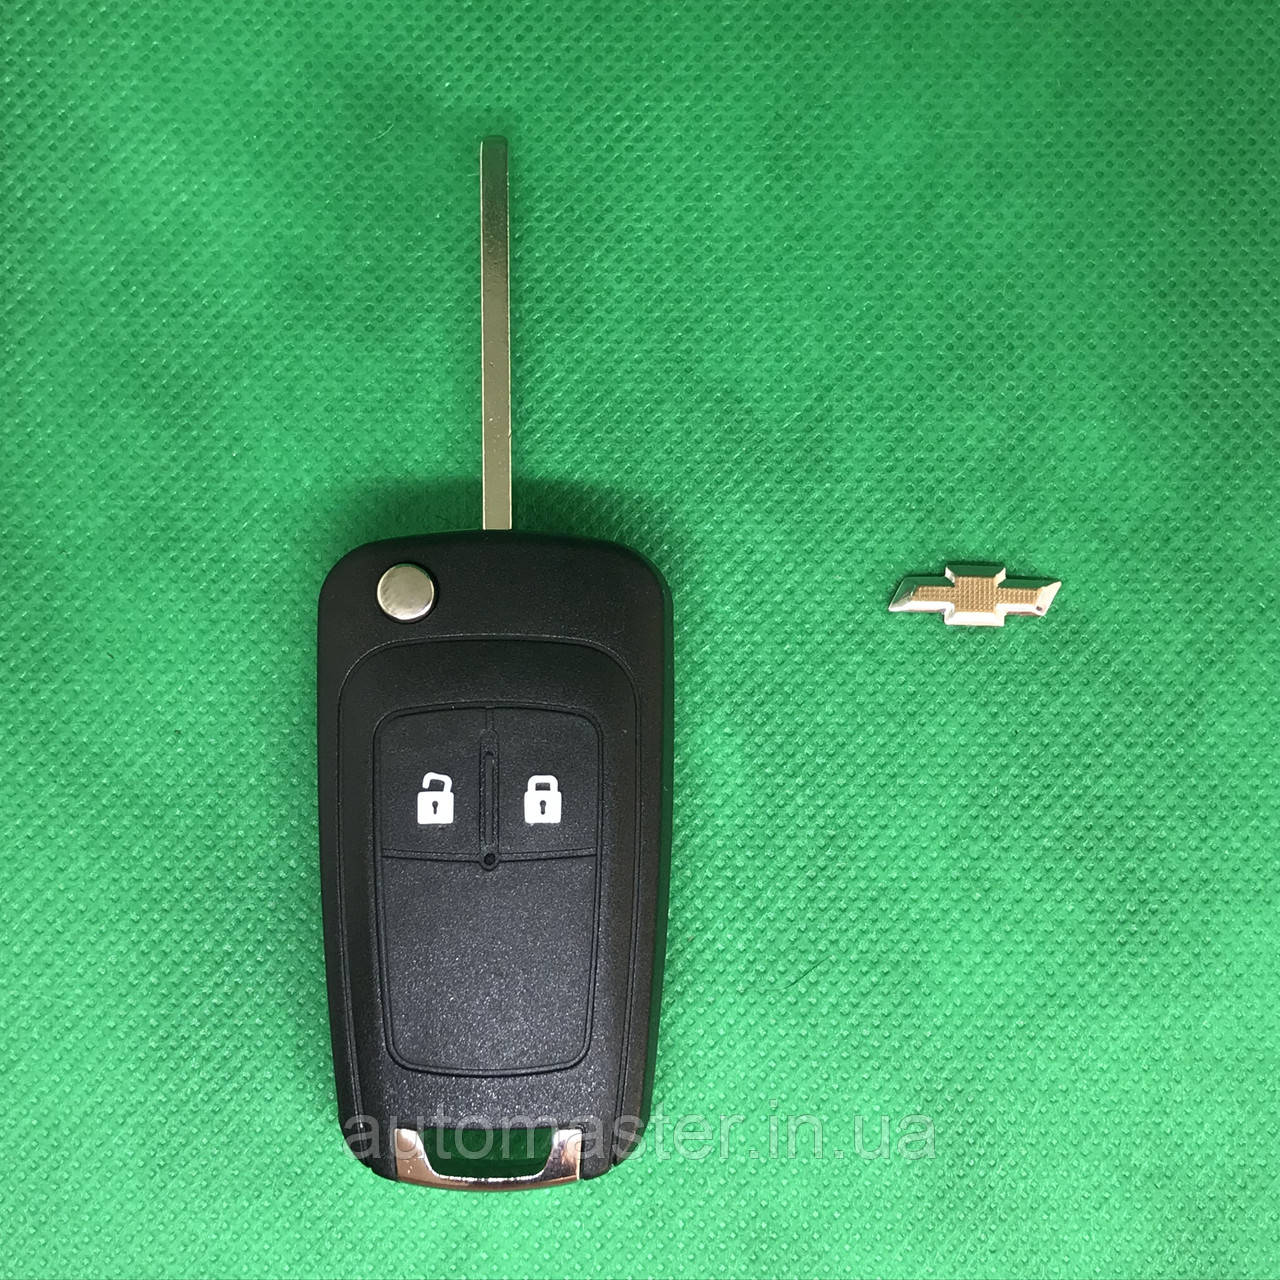 Корпус выкидного ключа для Chevrolet Cruze, Orlando (Шевролет Круз,Орландо) 2-кнопки